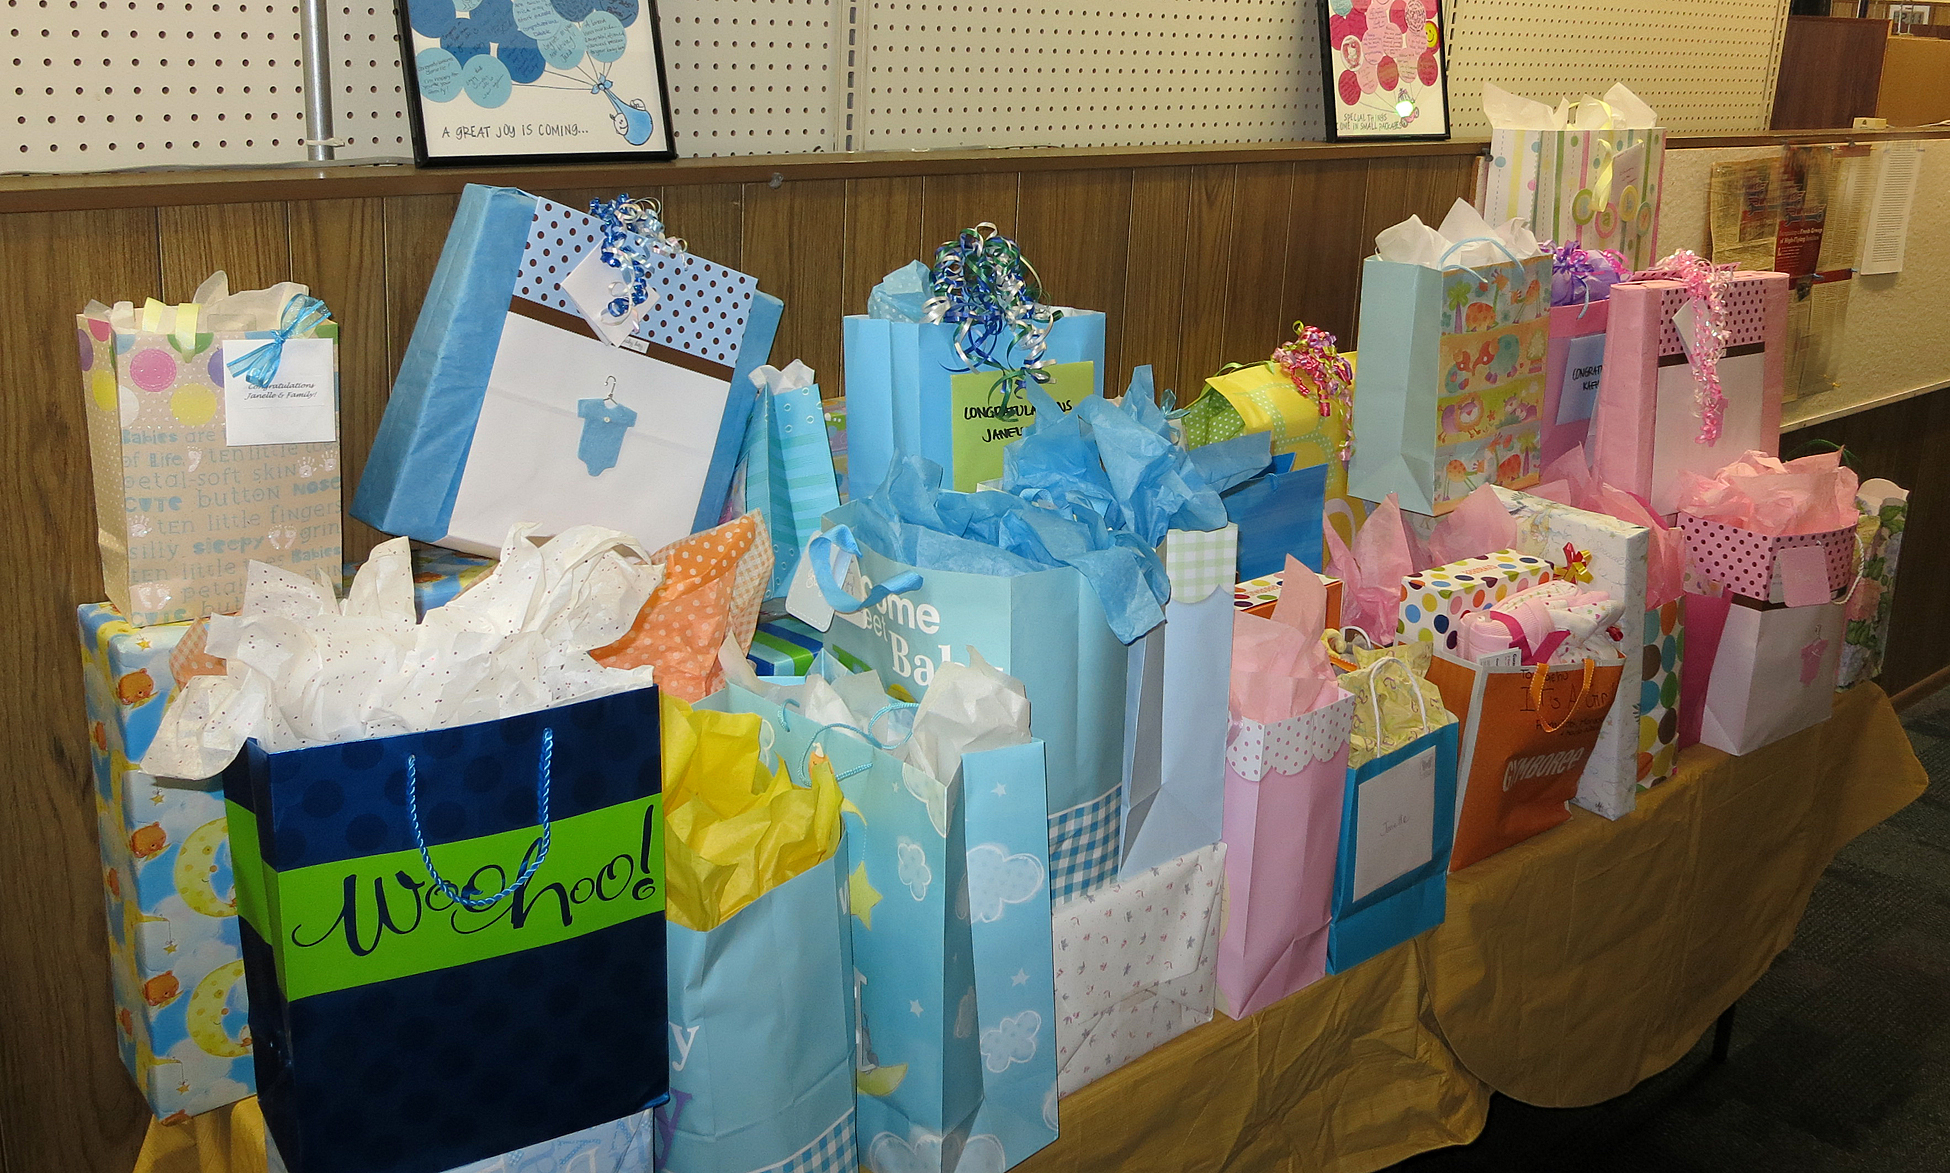 baby shower gifts.jpg